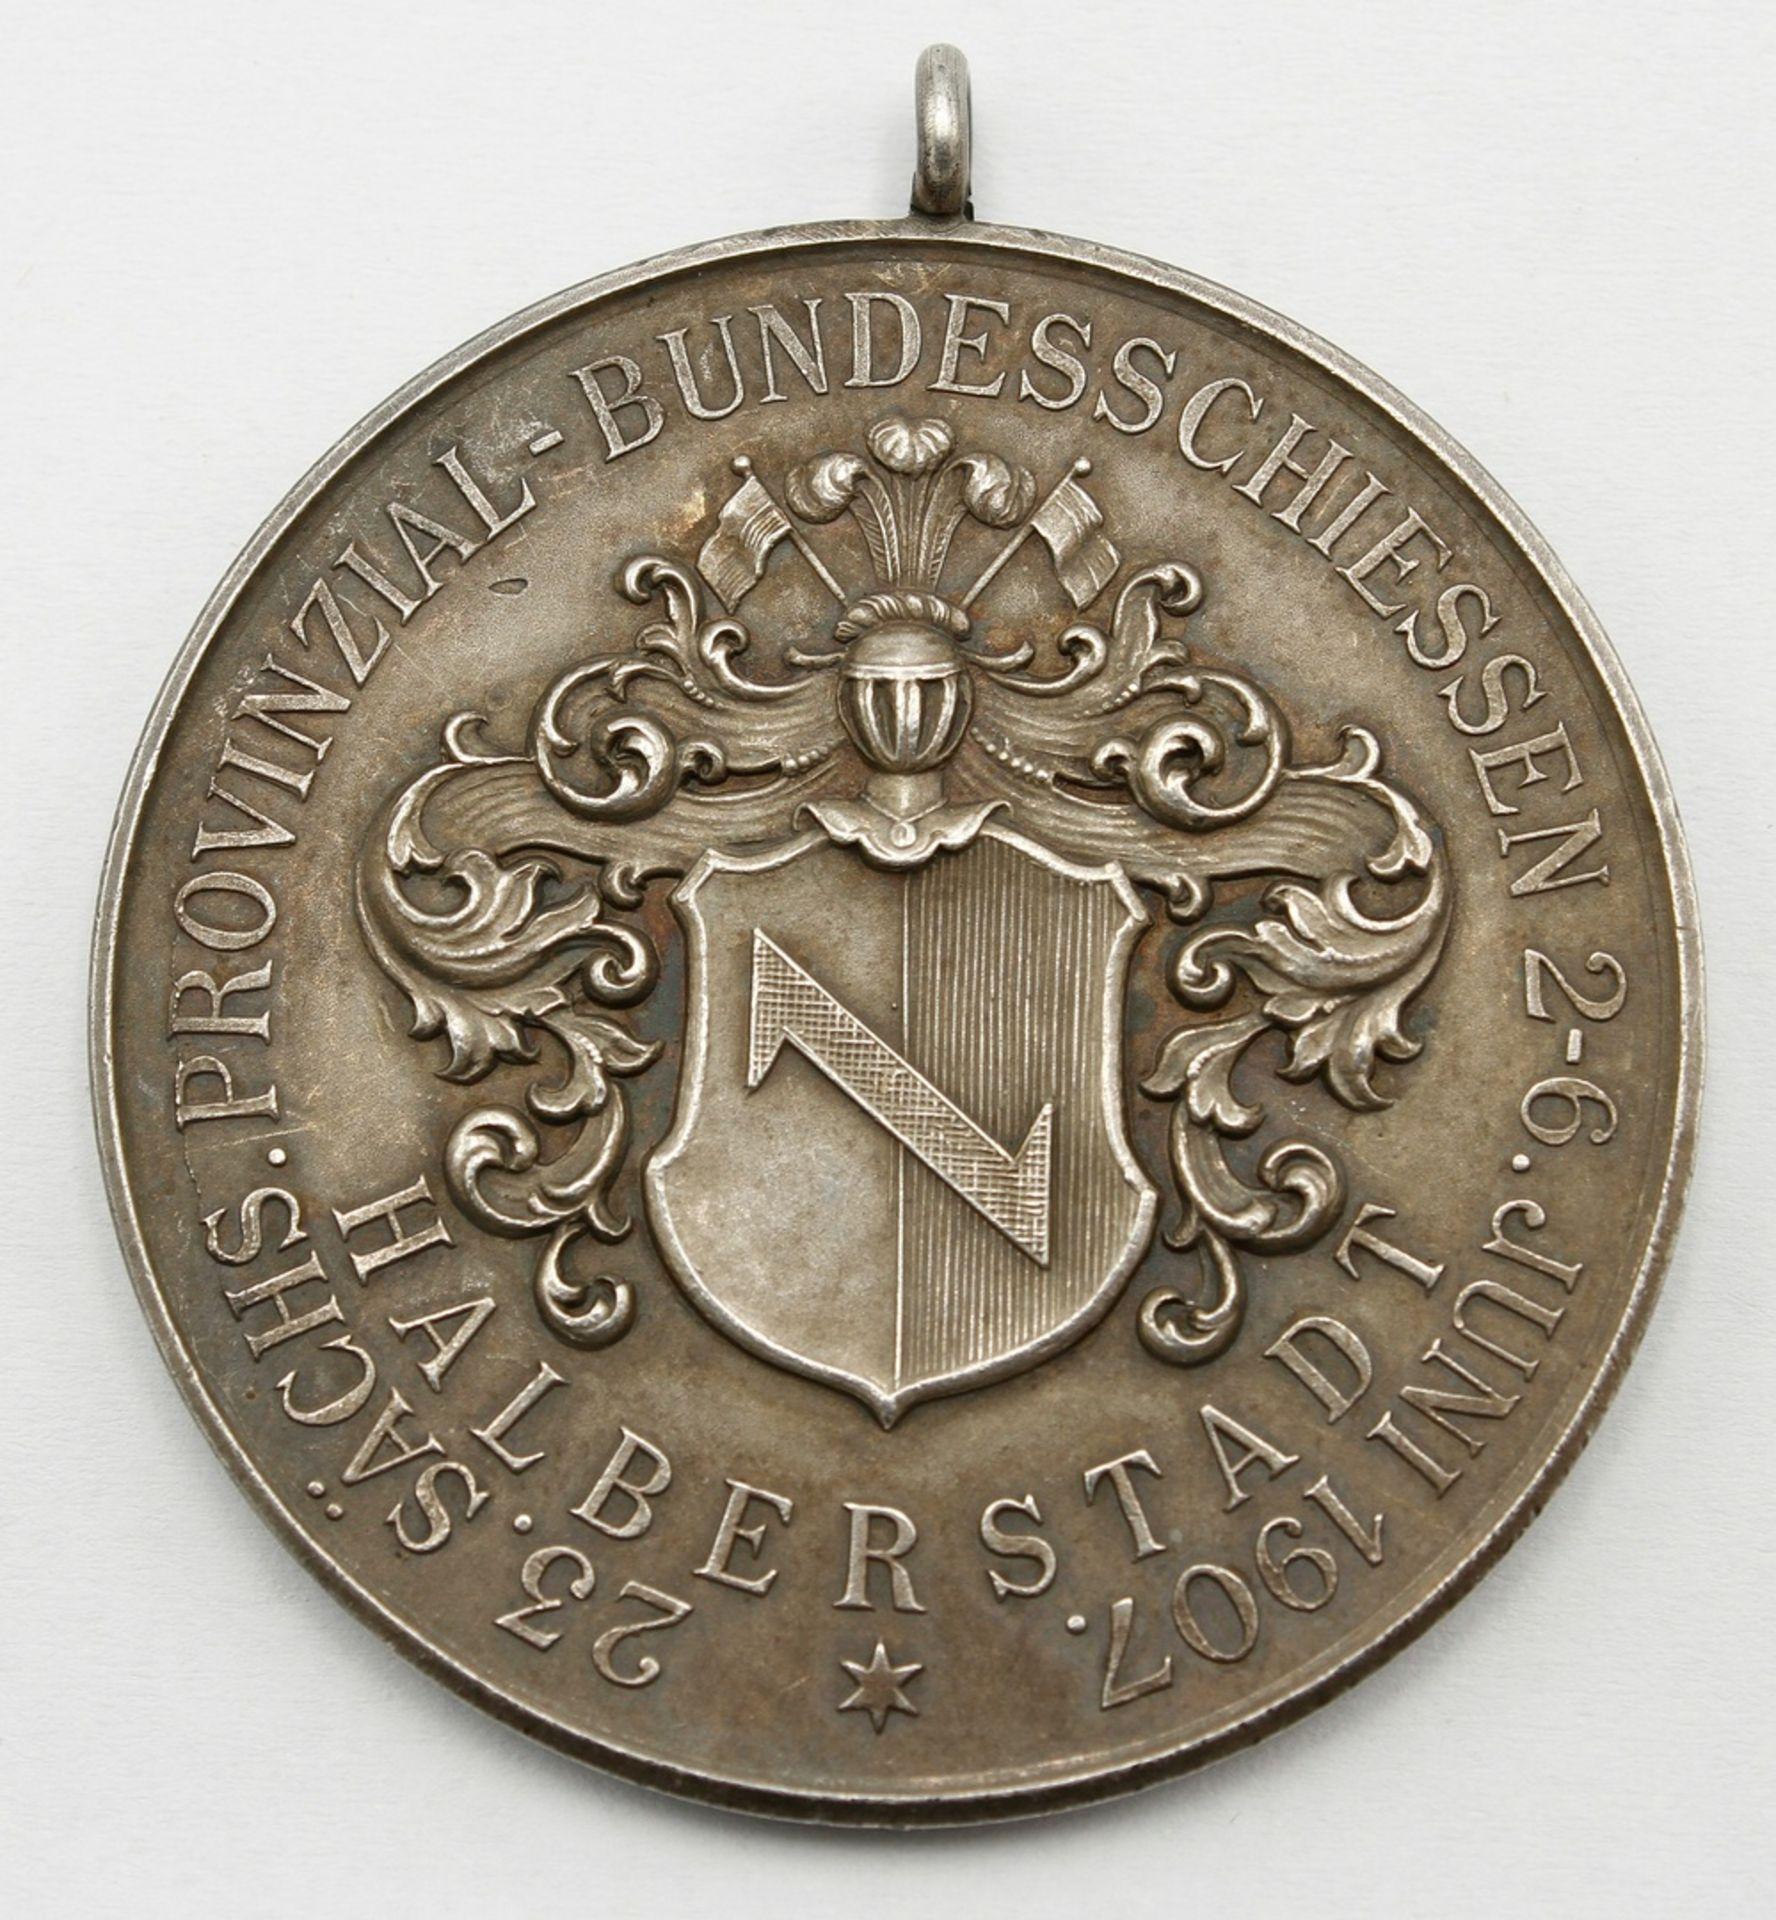 Medaille Halberstadt, 23. Sächs. Provinzial-Bundesschiessen, 1907 - Bild 2 aus 2